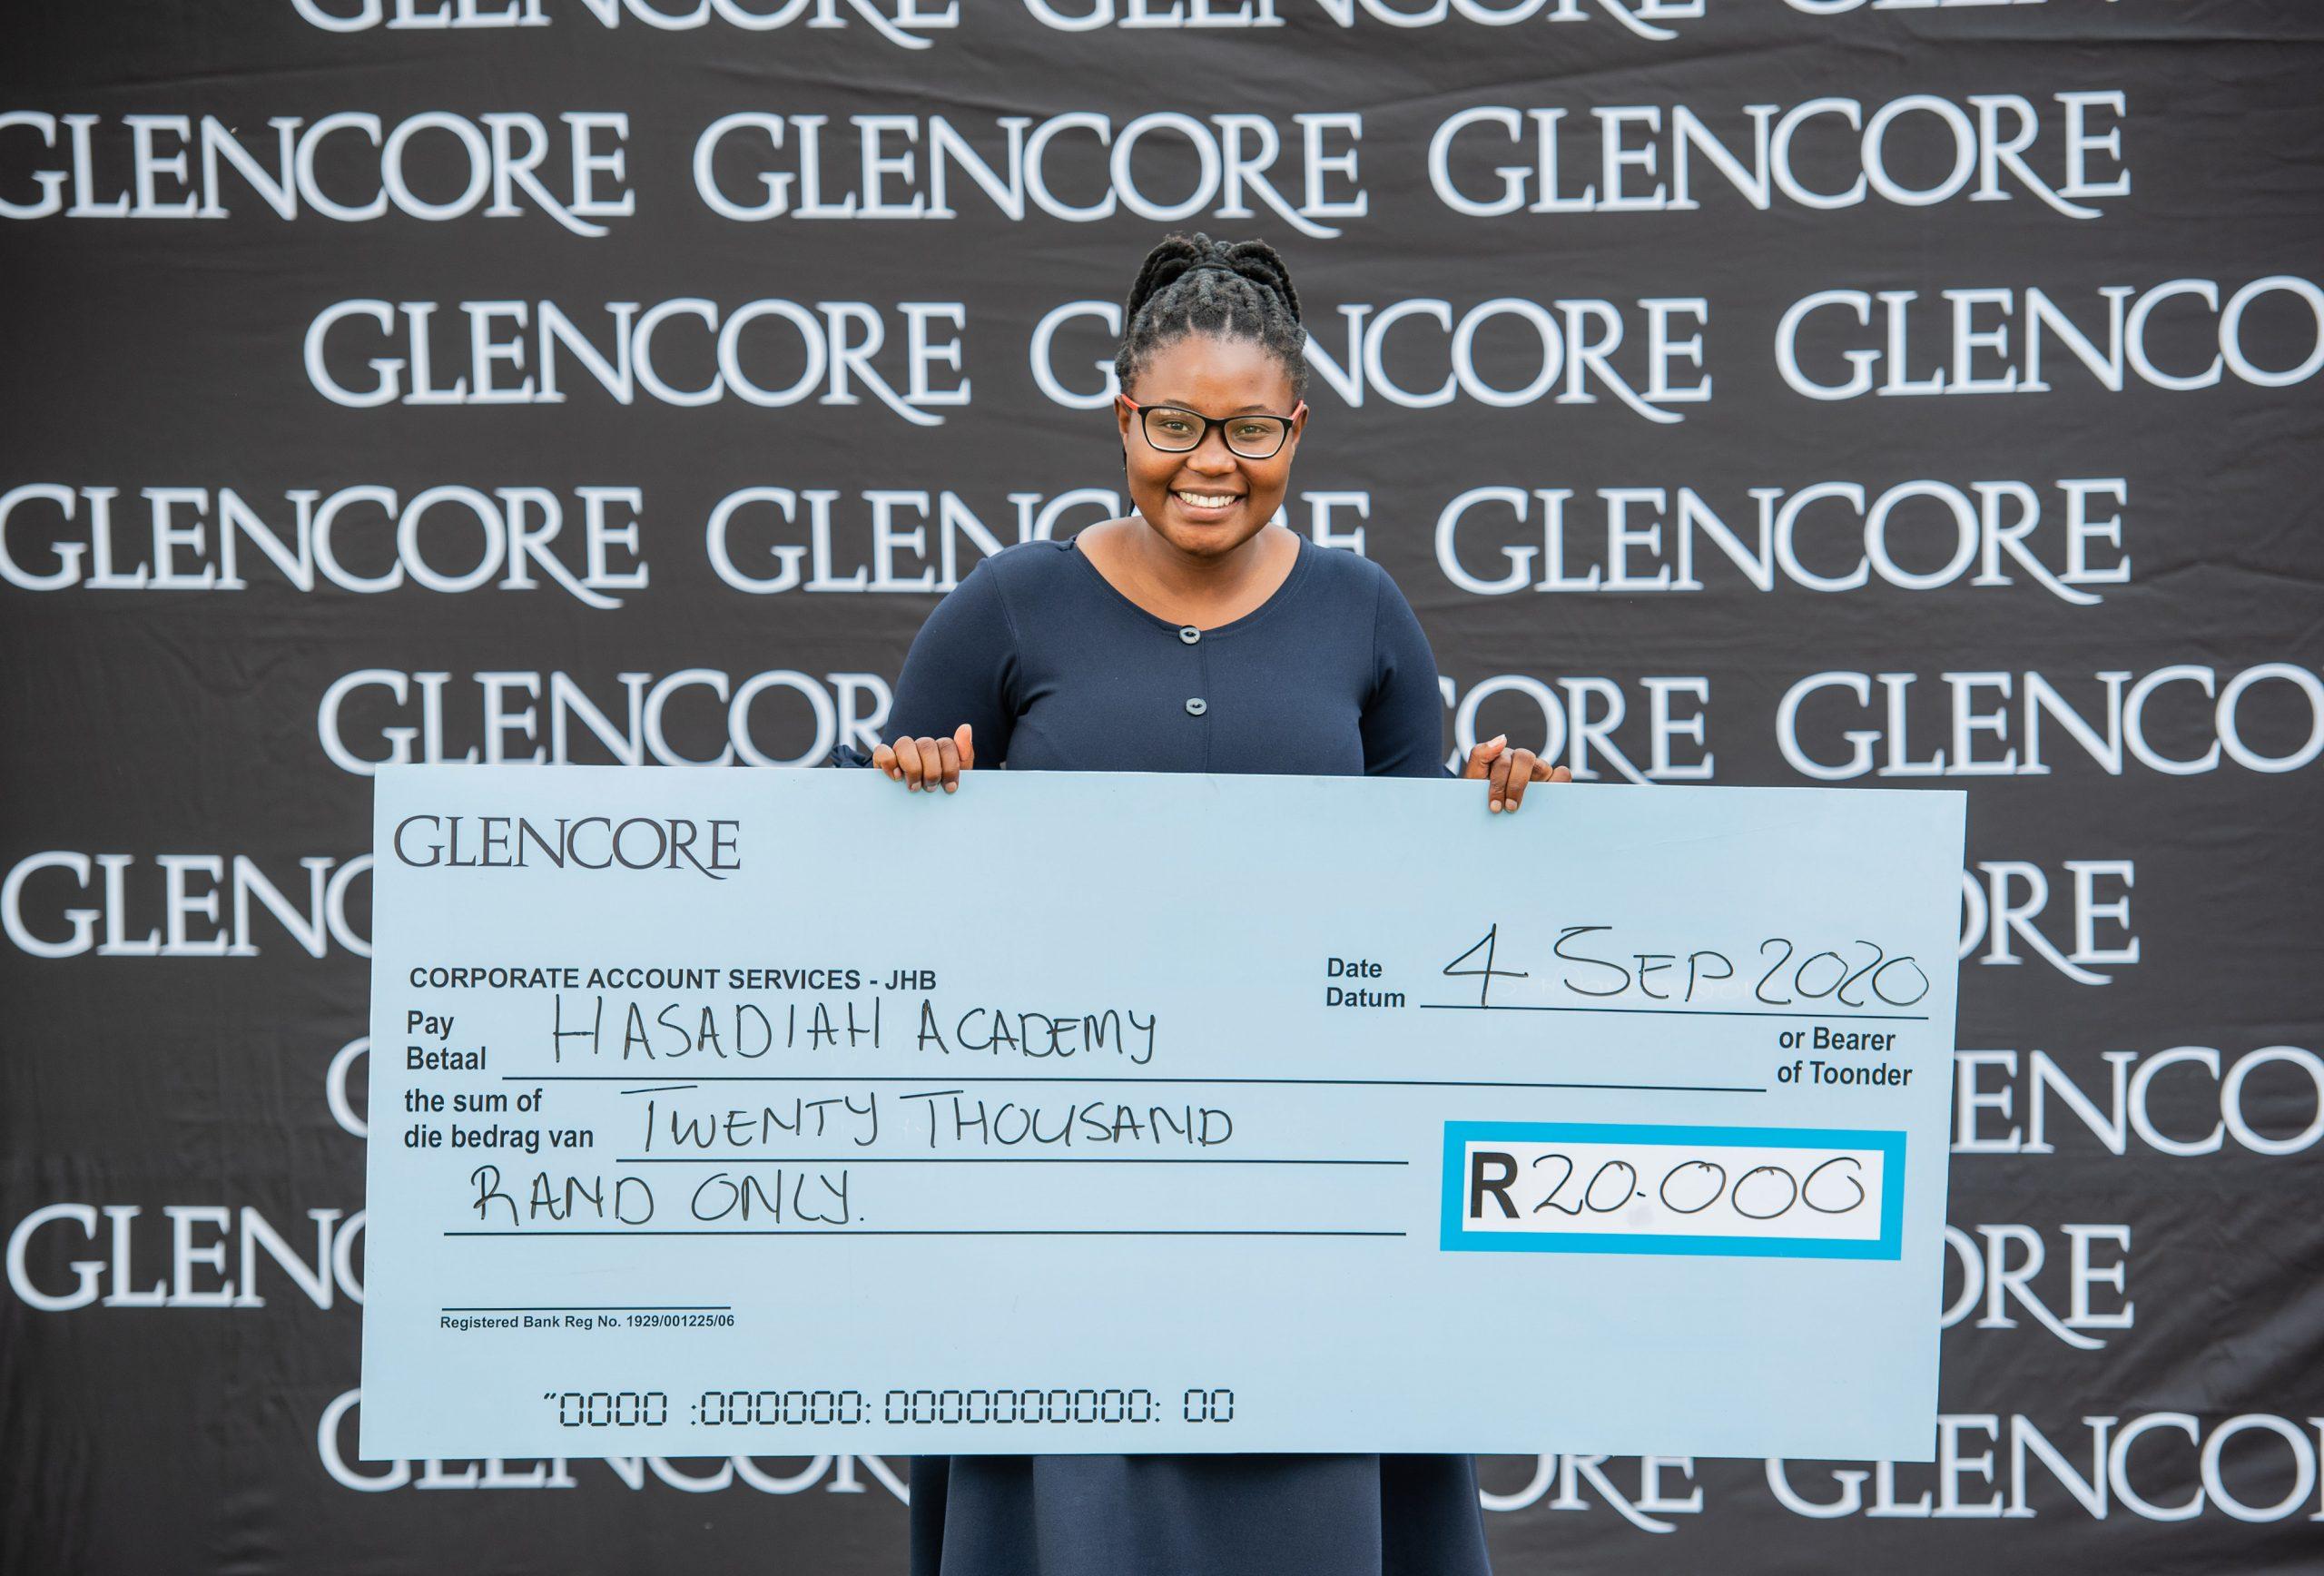 Ntokozo Maseko Wins Geloncore's Women's Month Competition